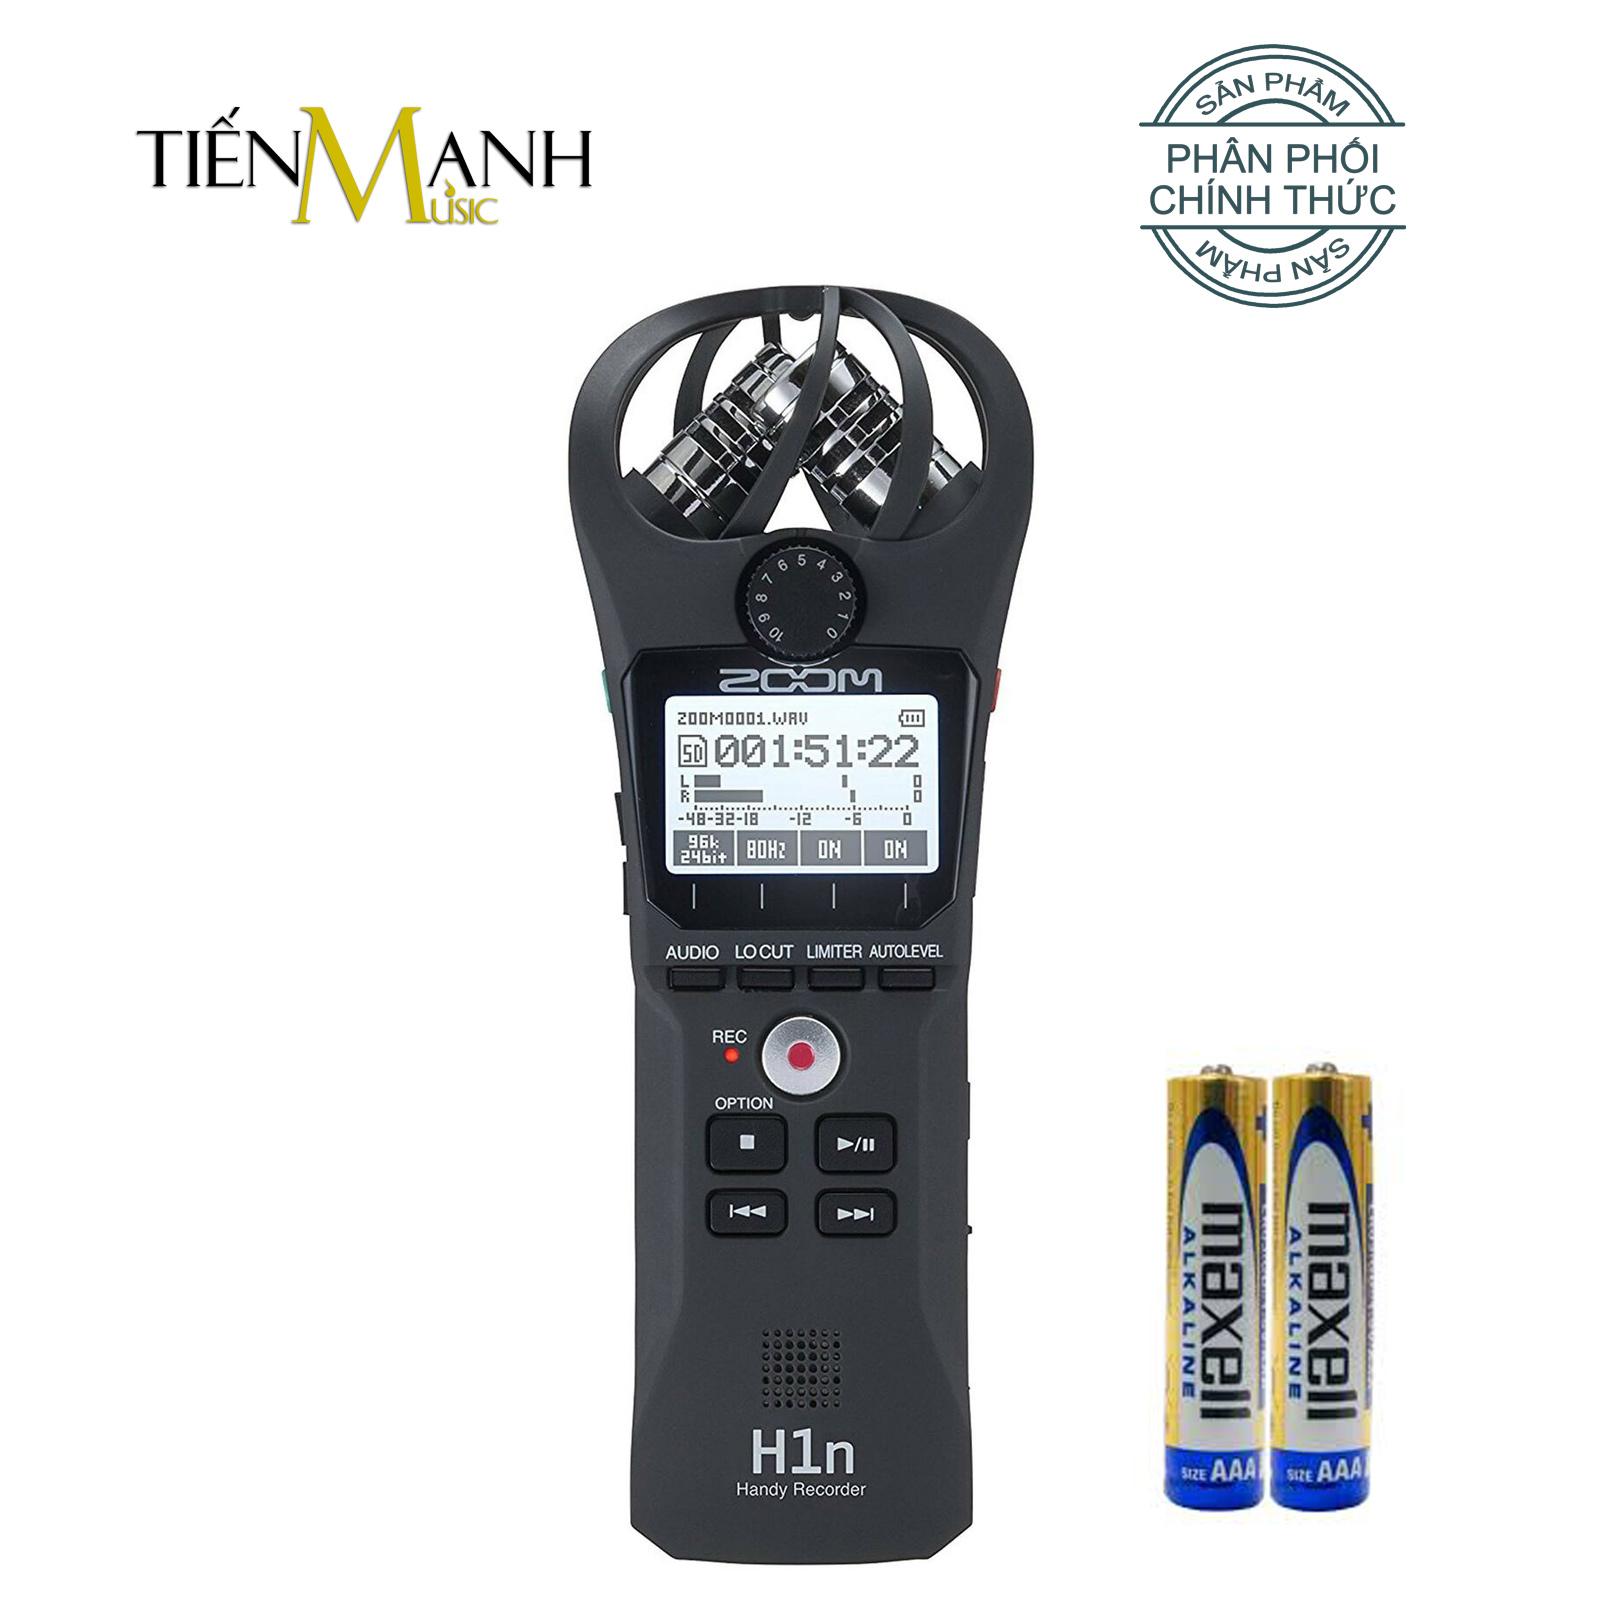 Máy Ghi âm Zoom H1n - Thiết bị thu âm cầm tay kỹ thuật số